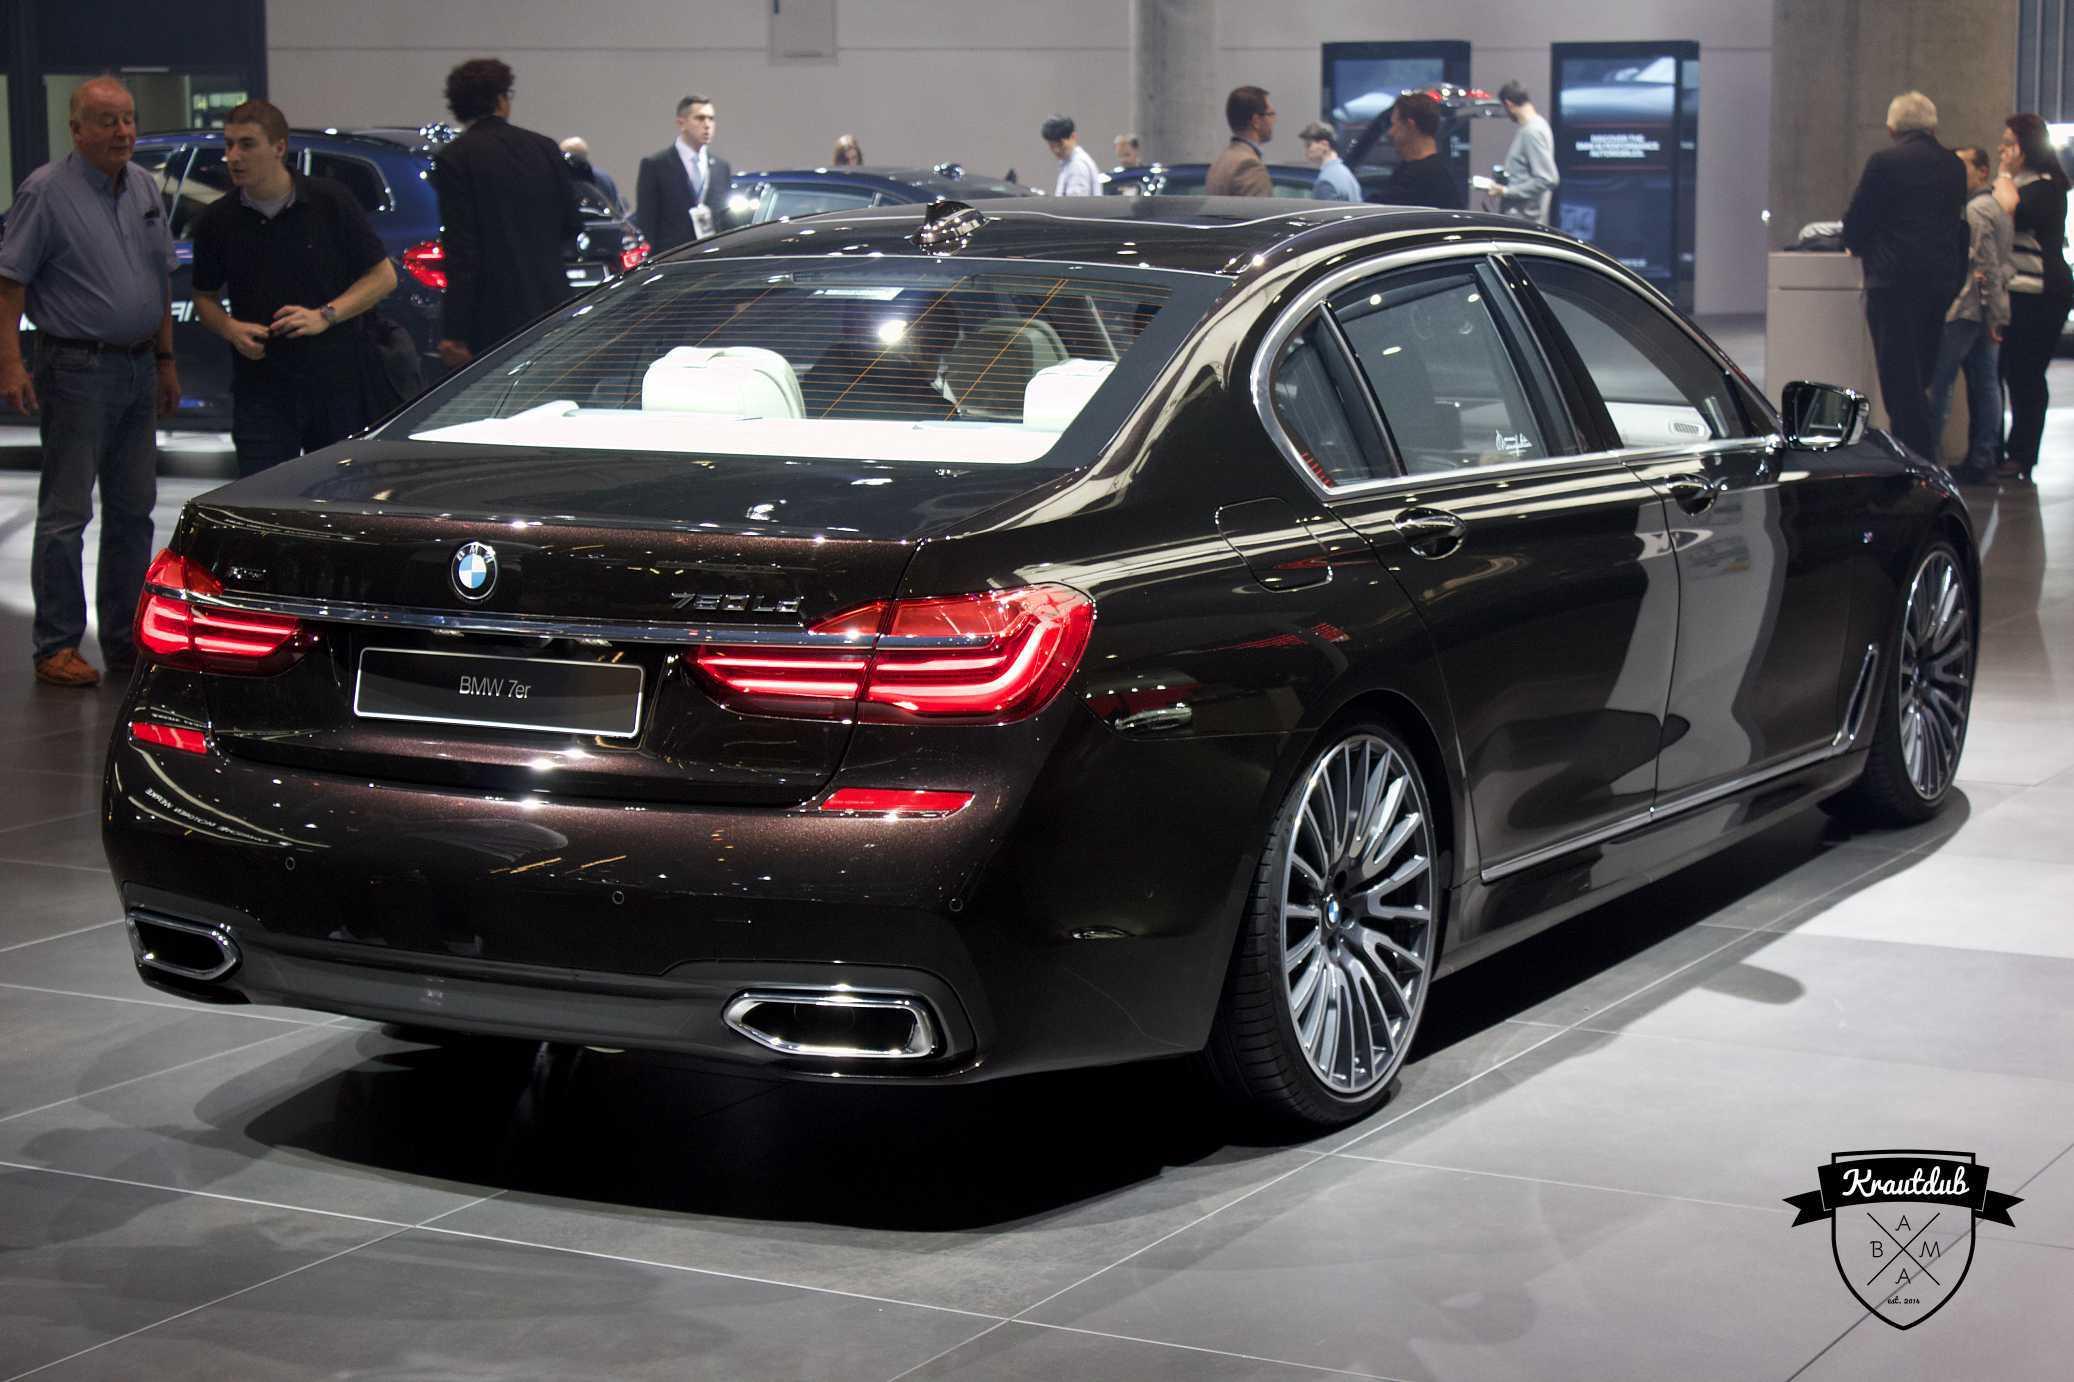 BMW 750ld - IAA 2017